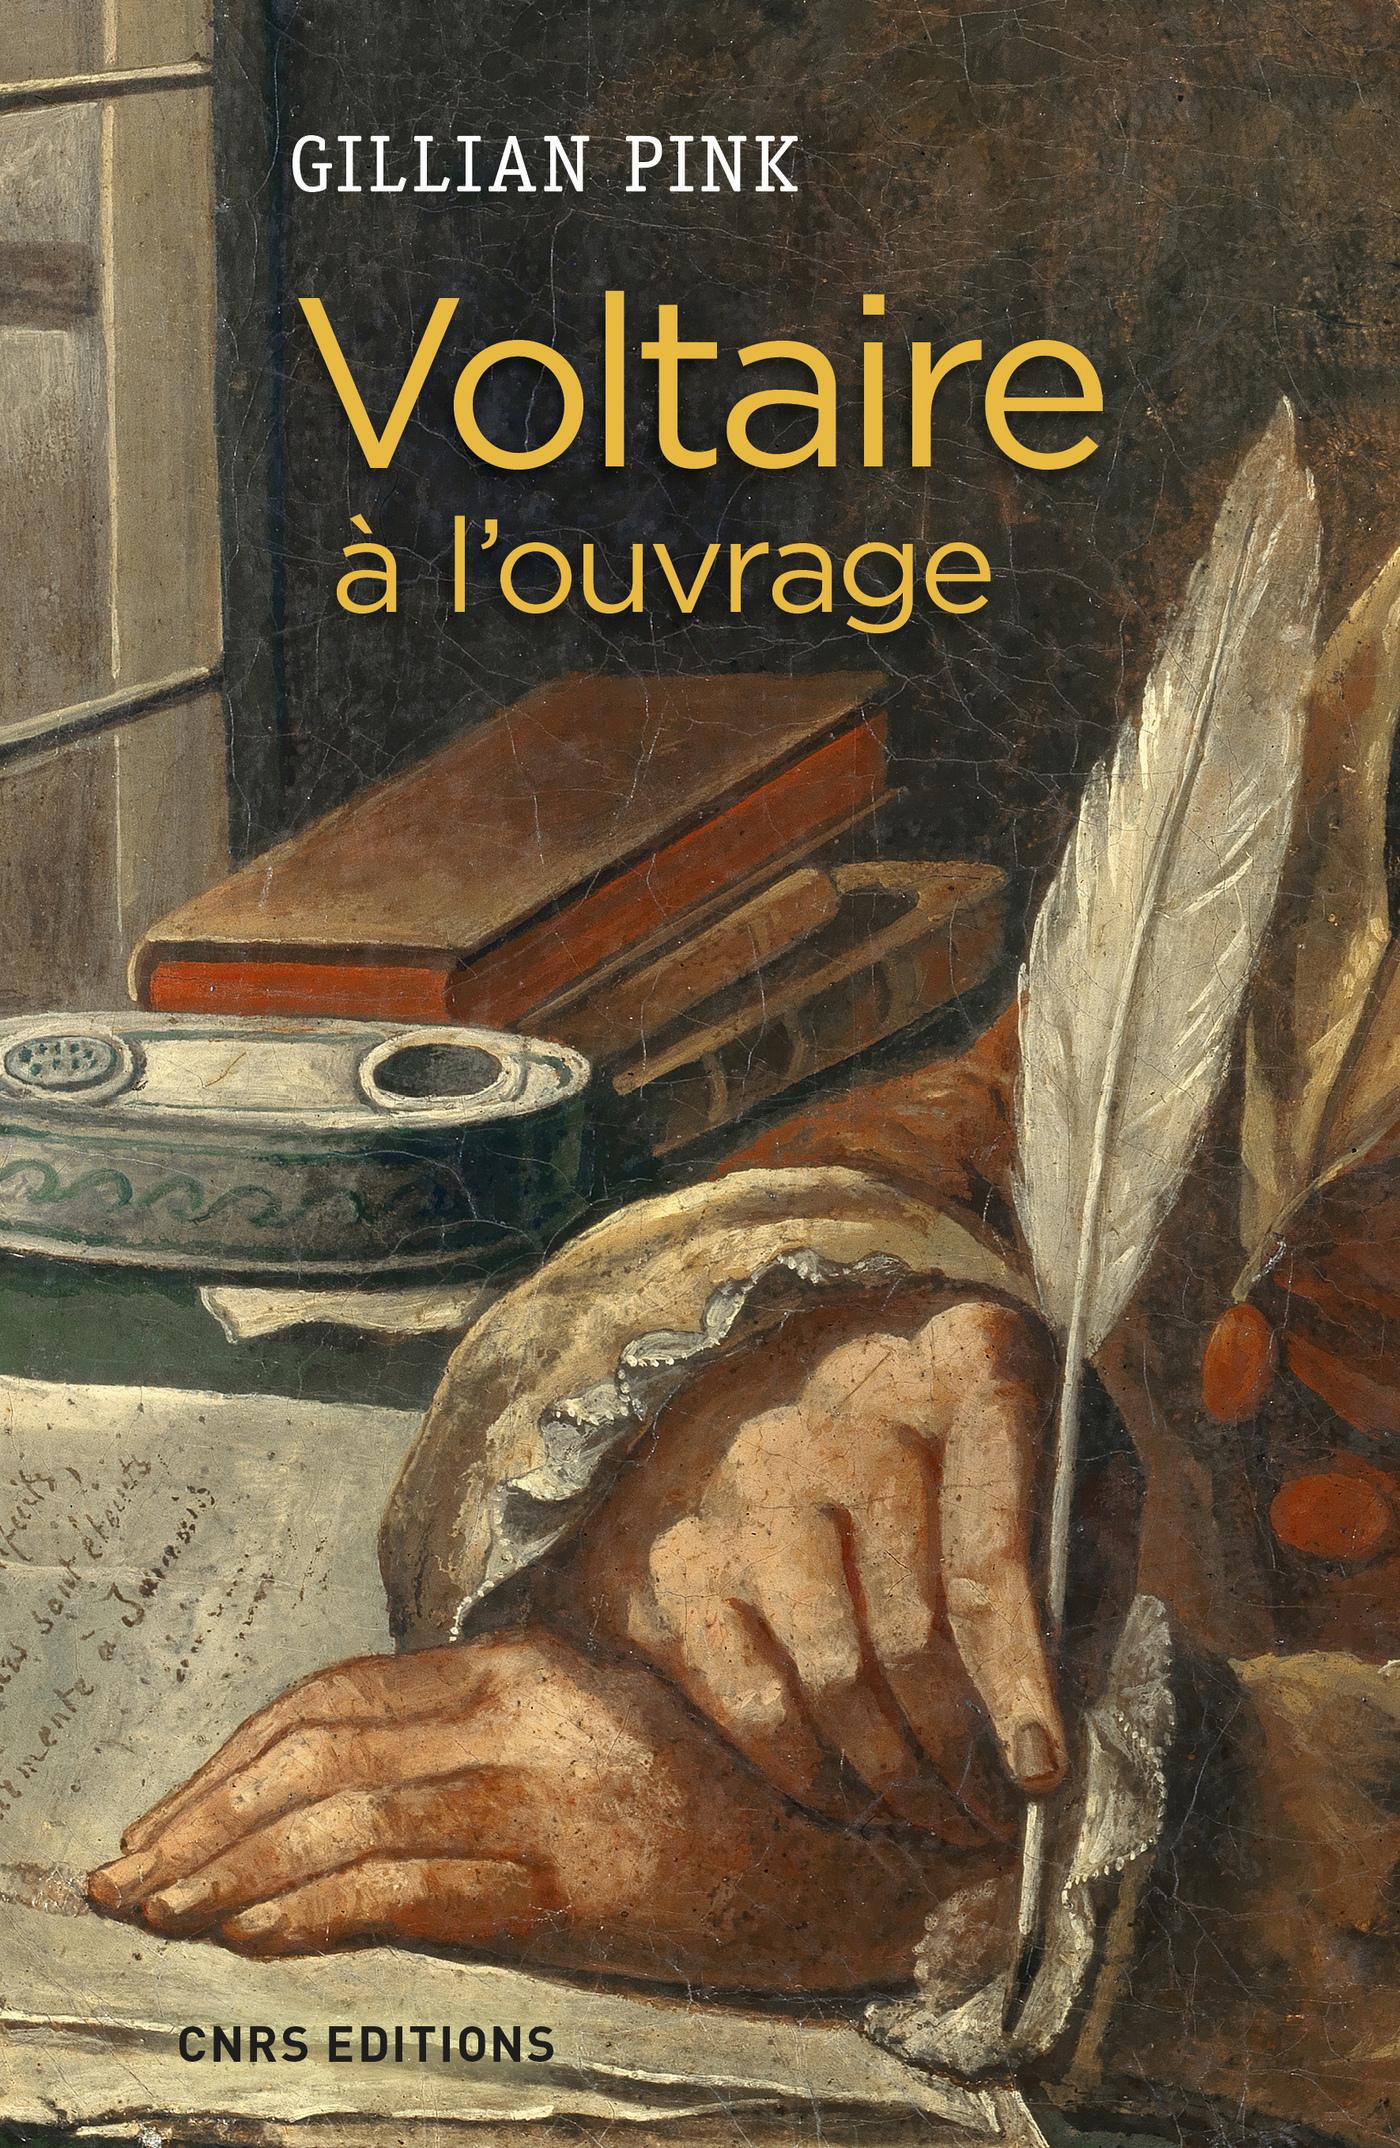 Voltaire à l'ouvrage